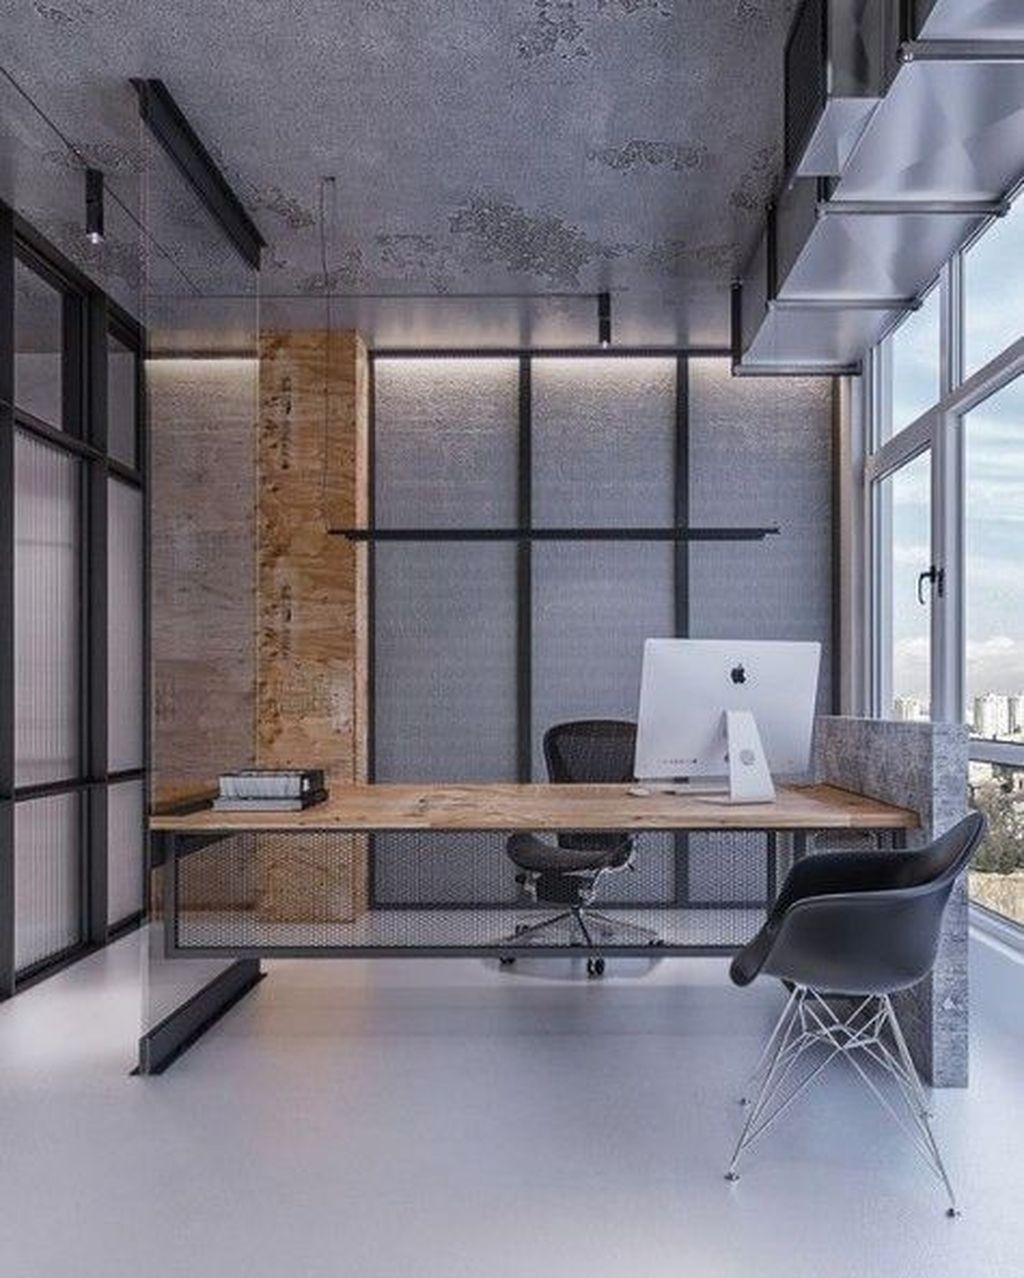 31 The Best Modern Home Office Design Ideas Modern Office Design Inspiration Office Design Inspiration Modern Office Design